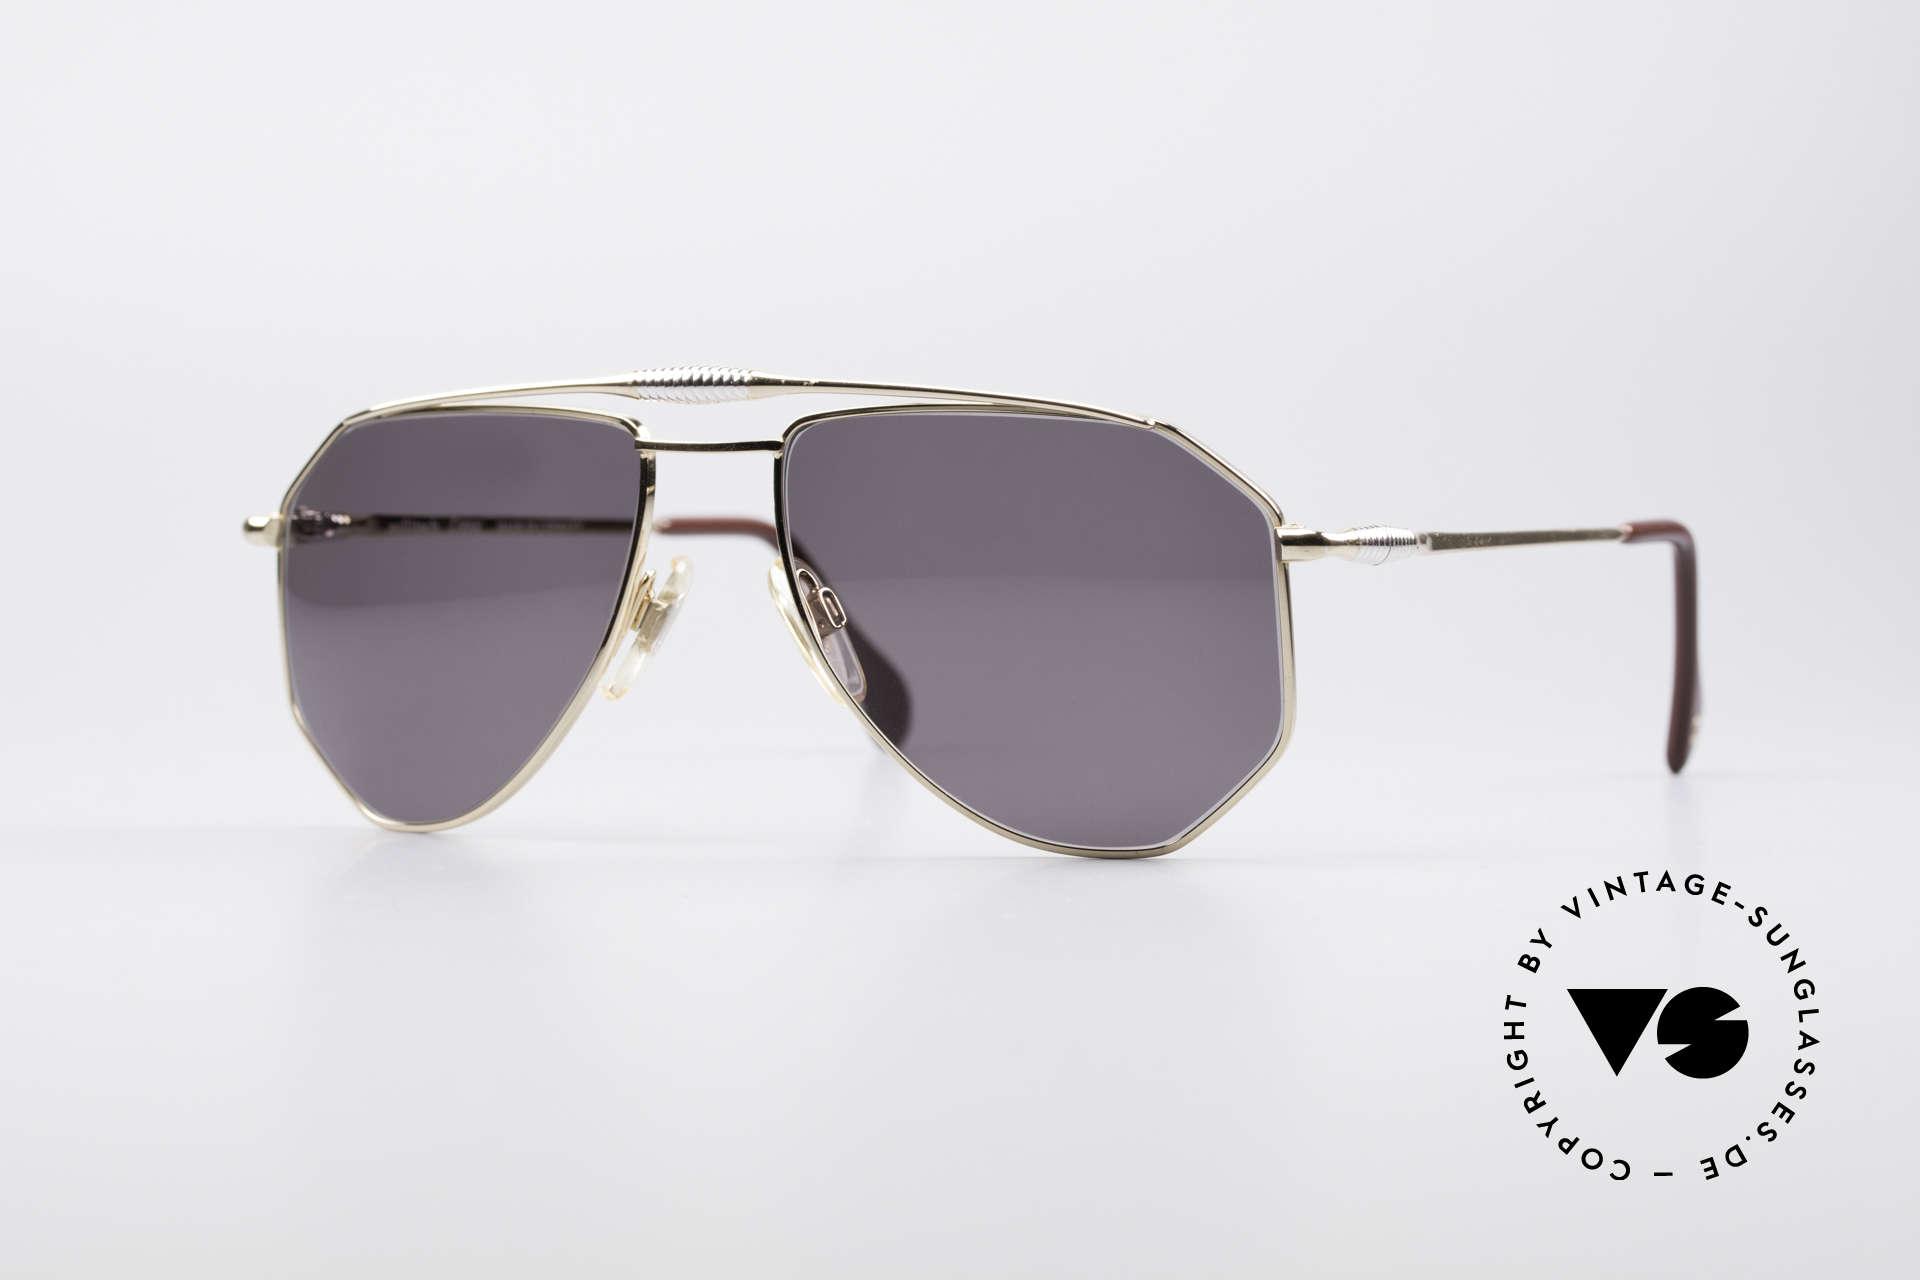 Zollitsch Cadre 120 Medium Aviator Sonnenbrille, vintage Zollitsch Sonnenbrille aus den späten 1980ern, Passend für Herren